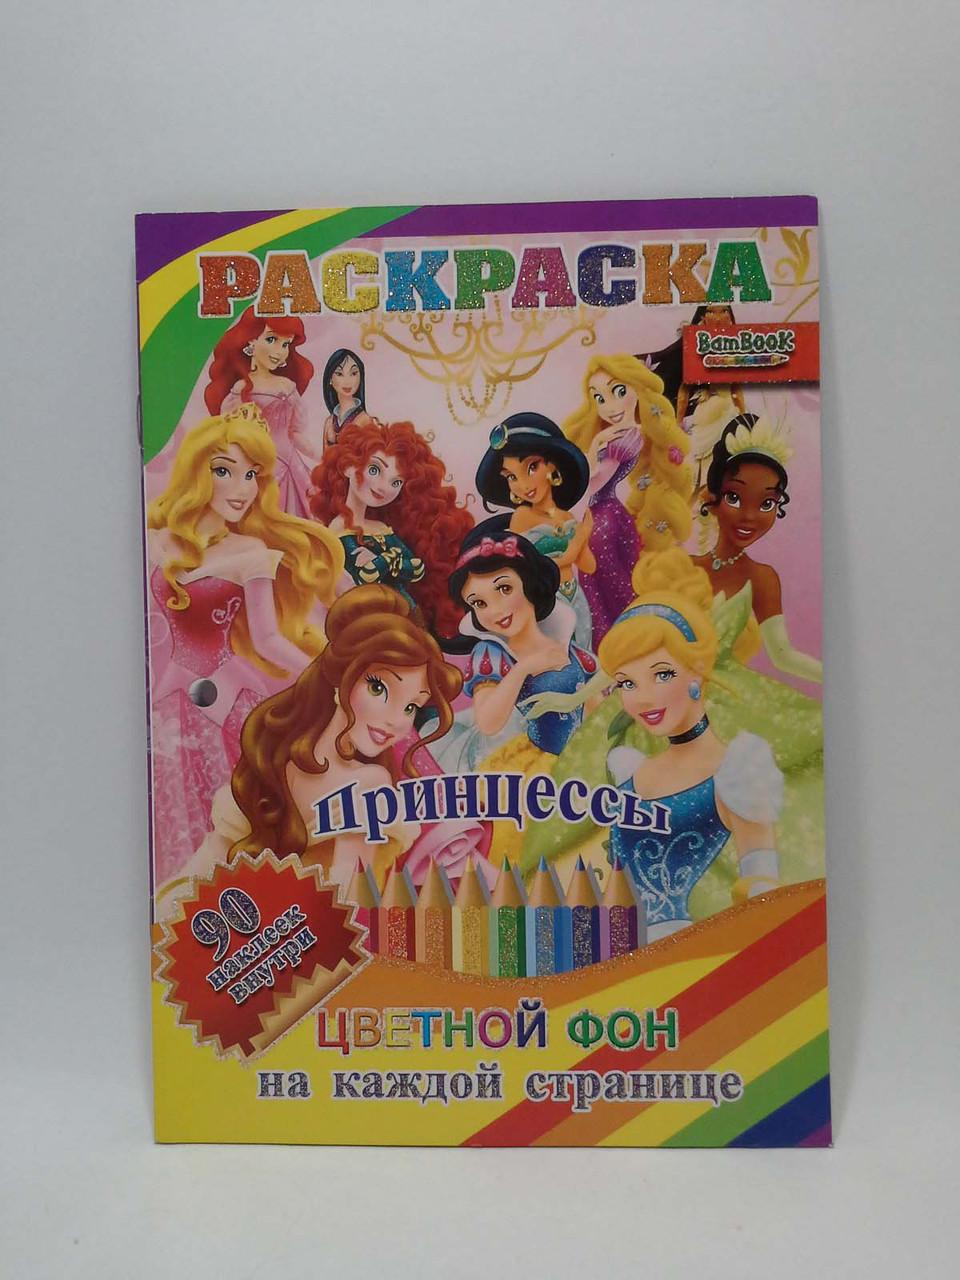 Раскраска BamBook А5 (90 наклеек) Принцессы Цветной фон на каждой странице